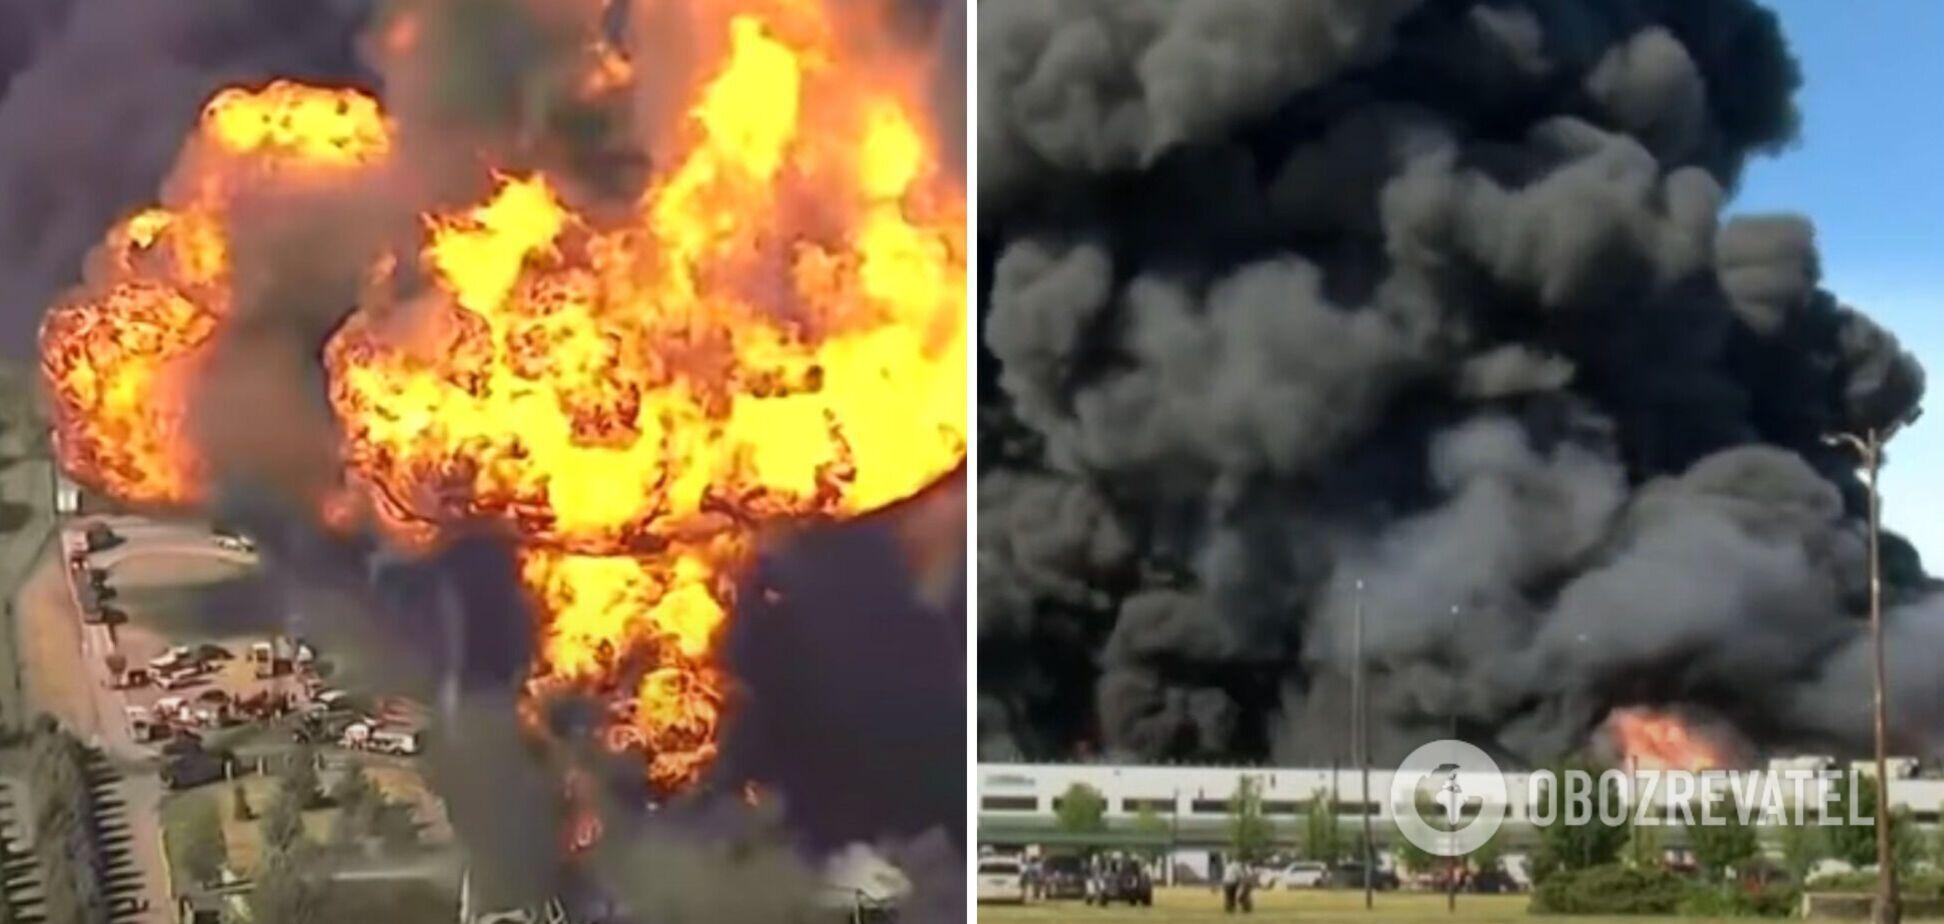 У США на хімзаводі спалахнула потужна пожежа і почалася масова евакуація. Фото та відео